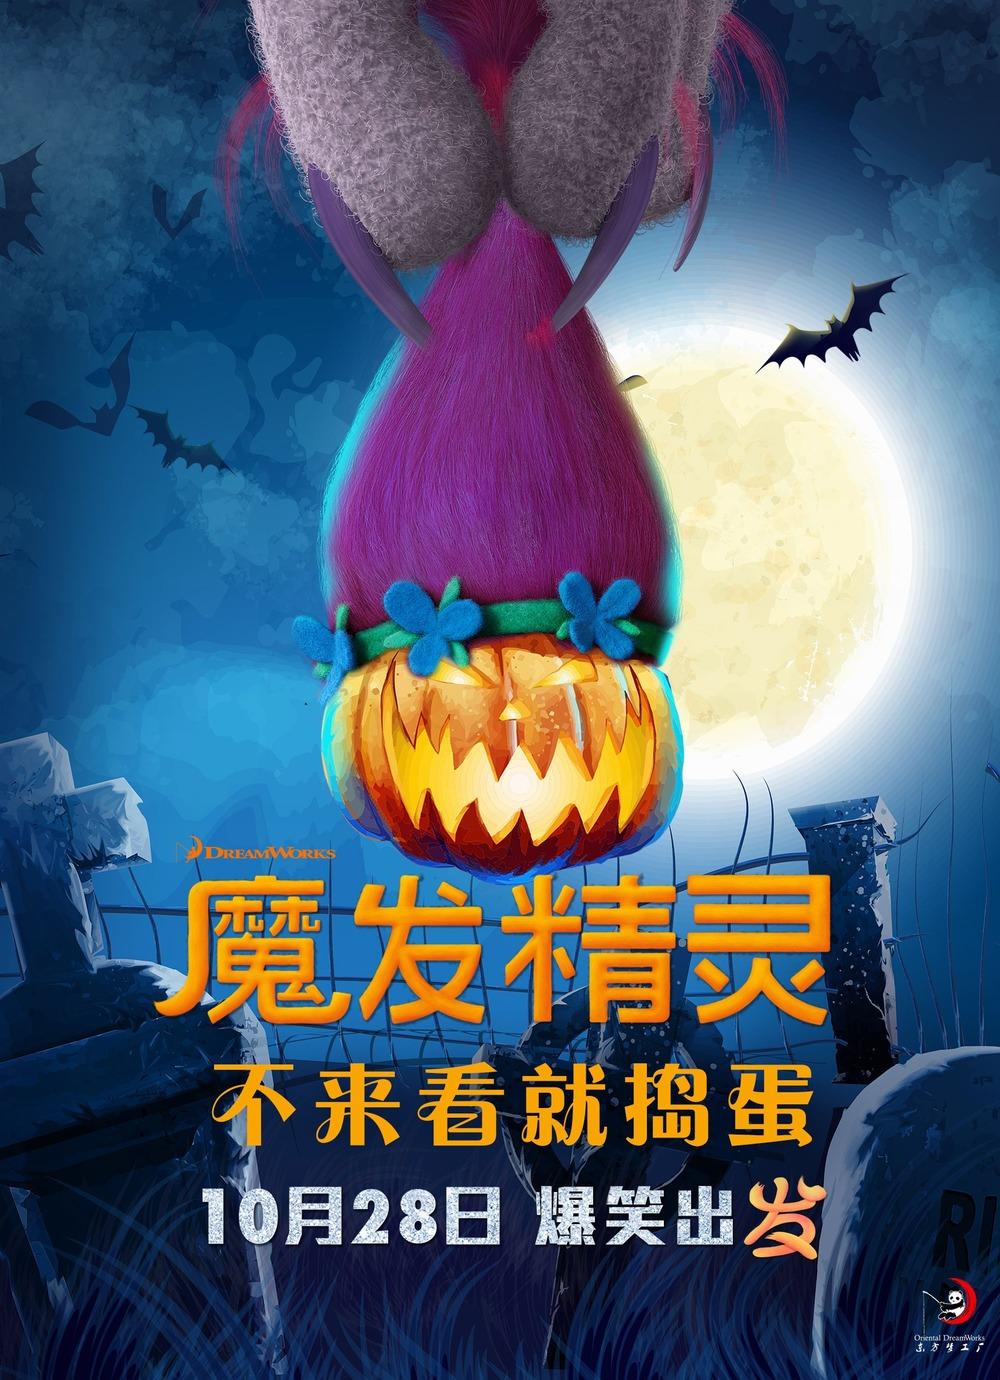 Chinese Calendar 2016 : Trolls dvd release date redbox netflix itunes amazon